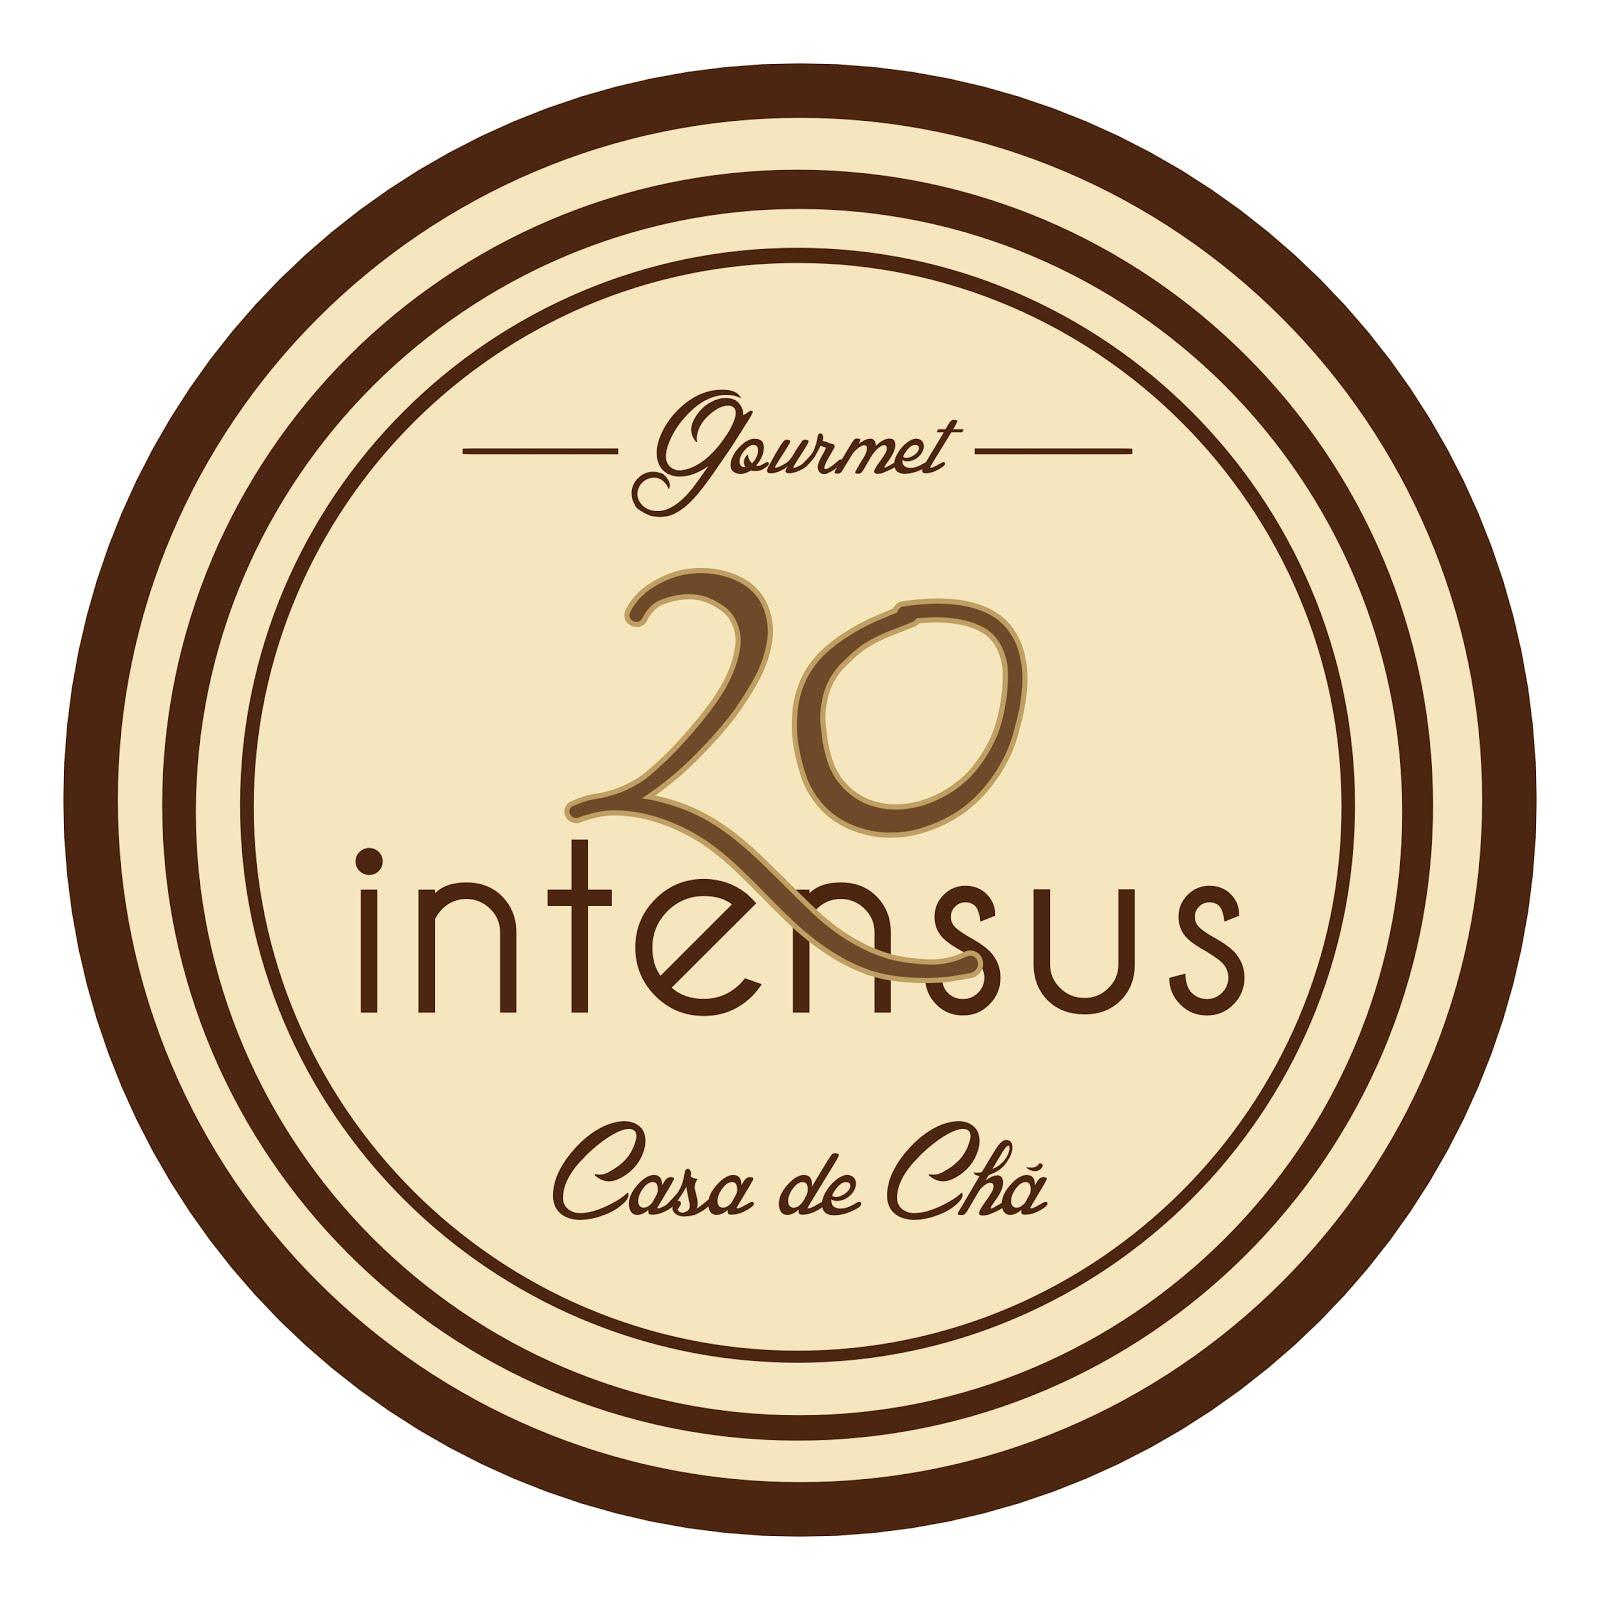 20 Intensus